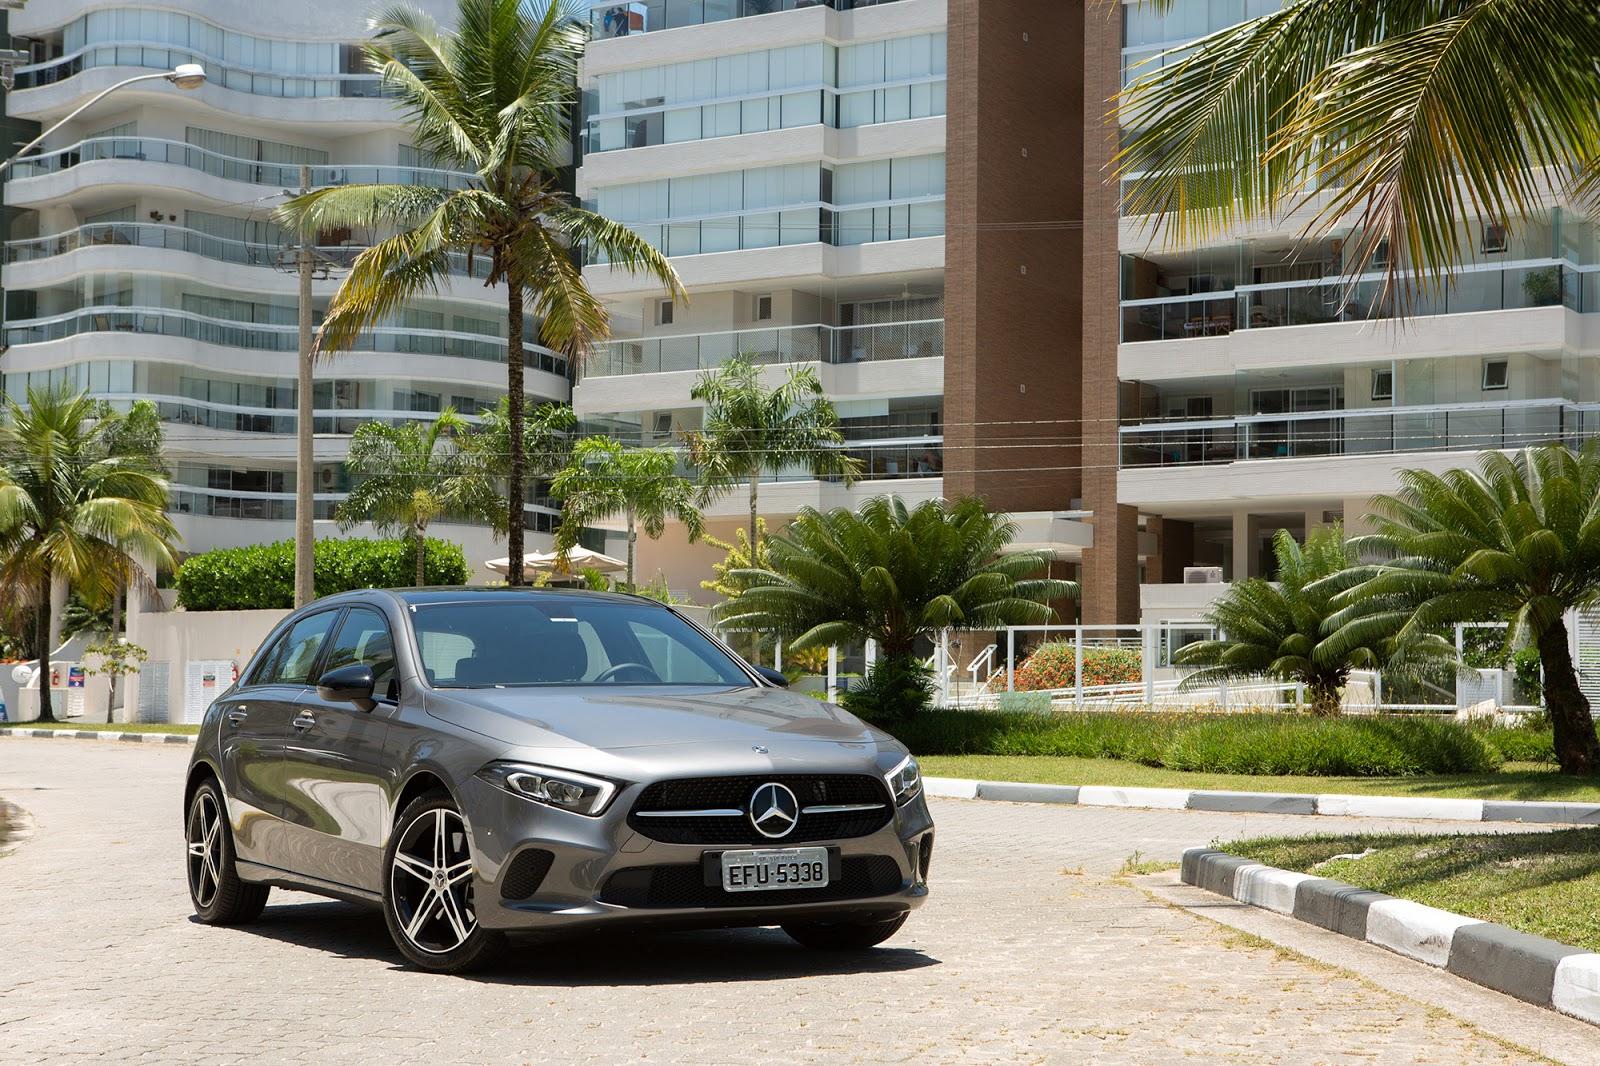 4e8b1df448f7e Esqueça tudo o que lhe disseram a respeito do Mercedes-Benz Classe A. O  icônico modelo, que fez muito sucesso no Brasil no início dos anos 2000  está de ...